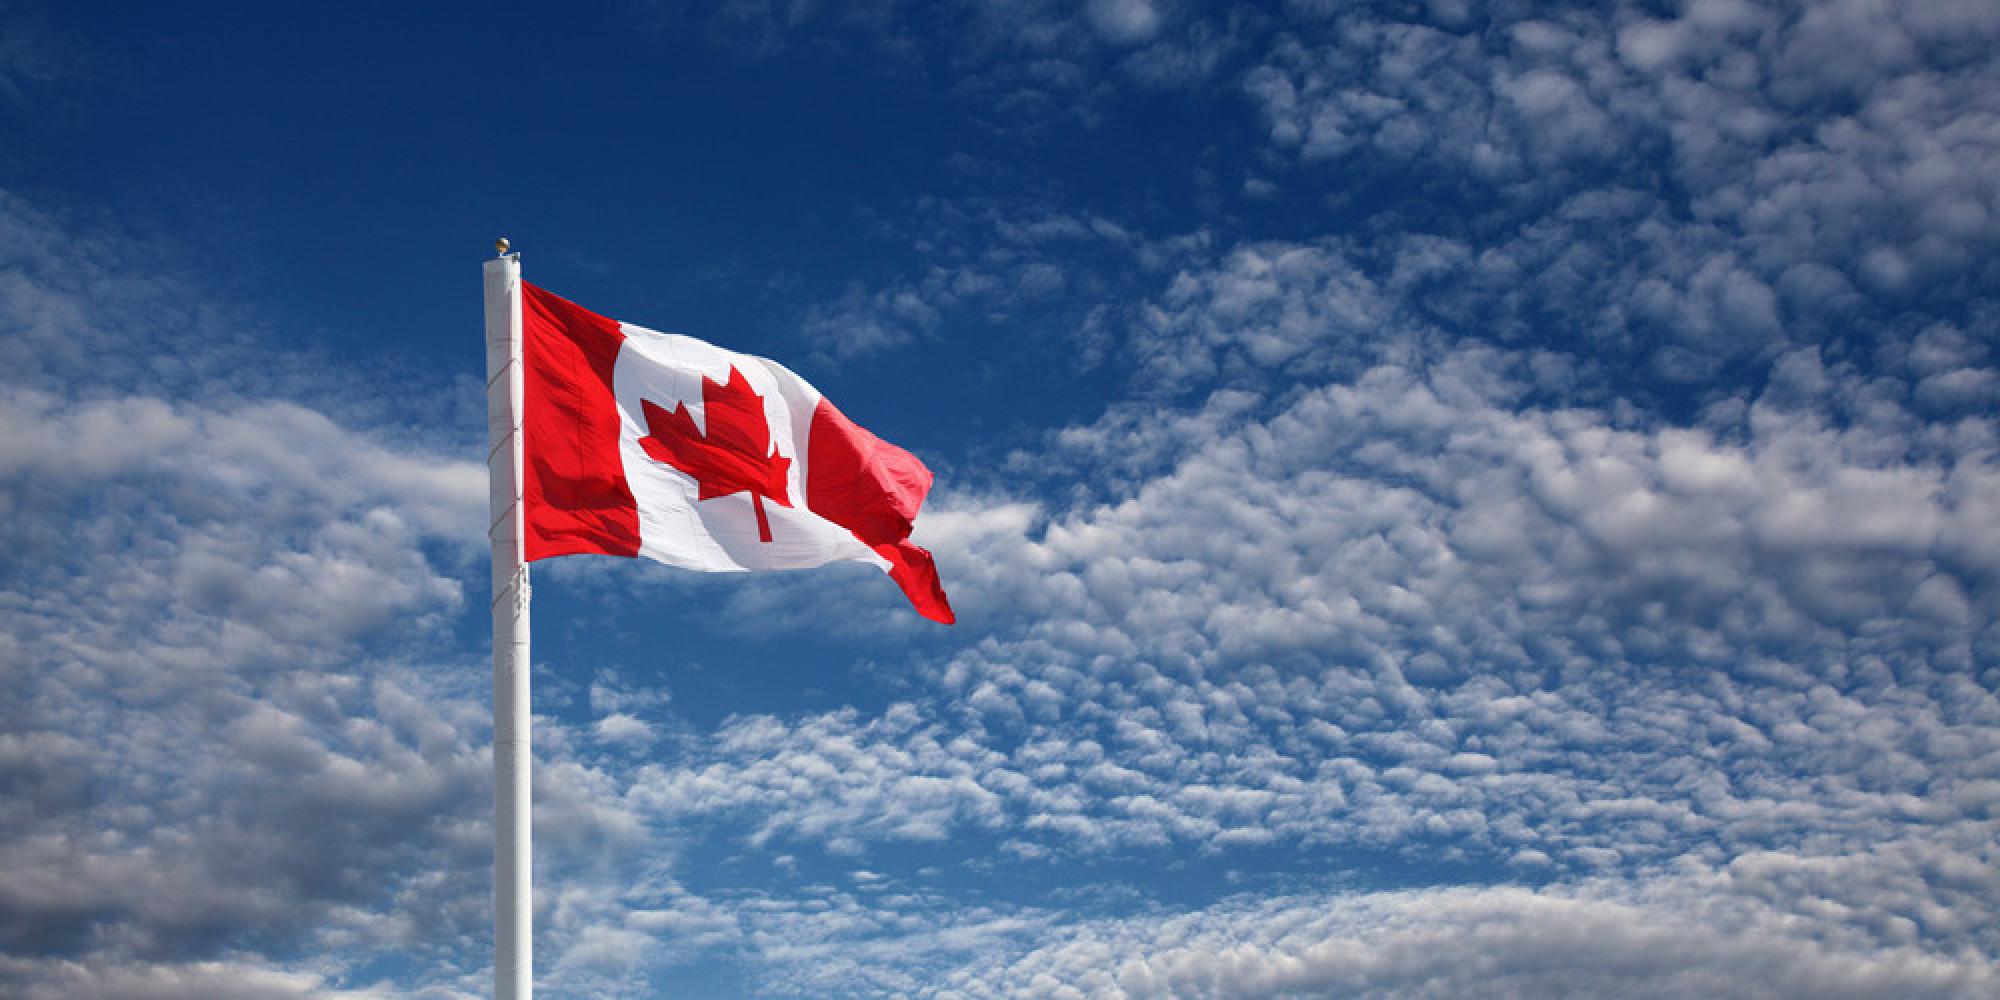 Canada Flag Wallpaper 7